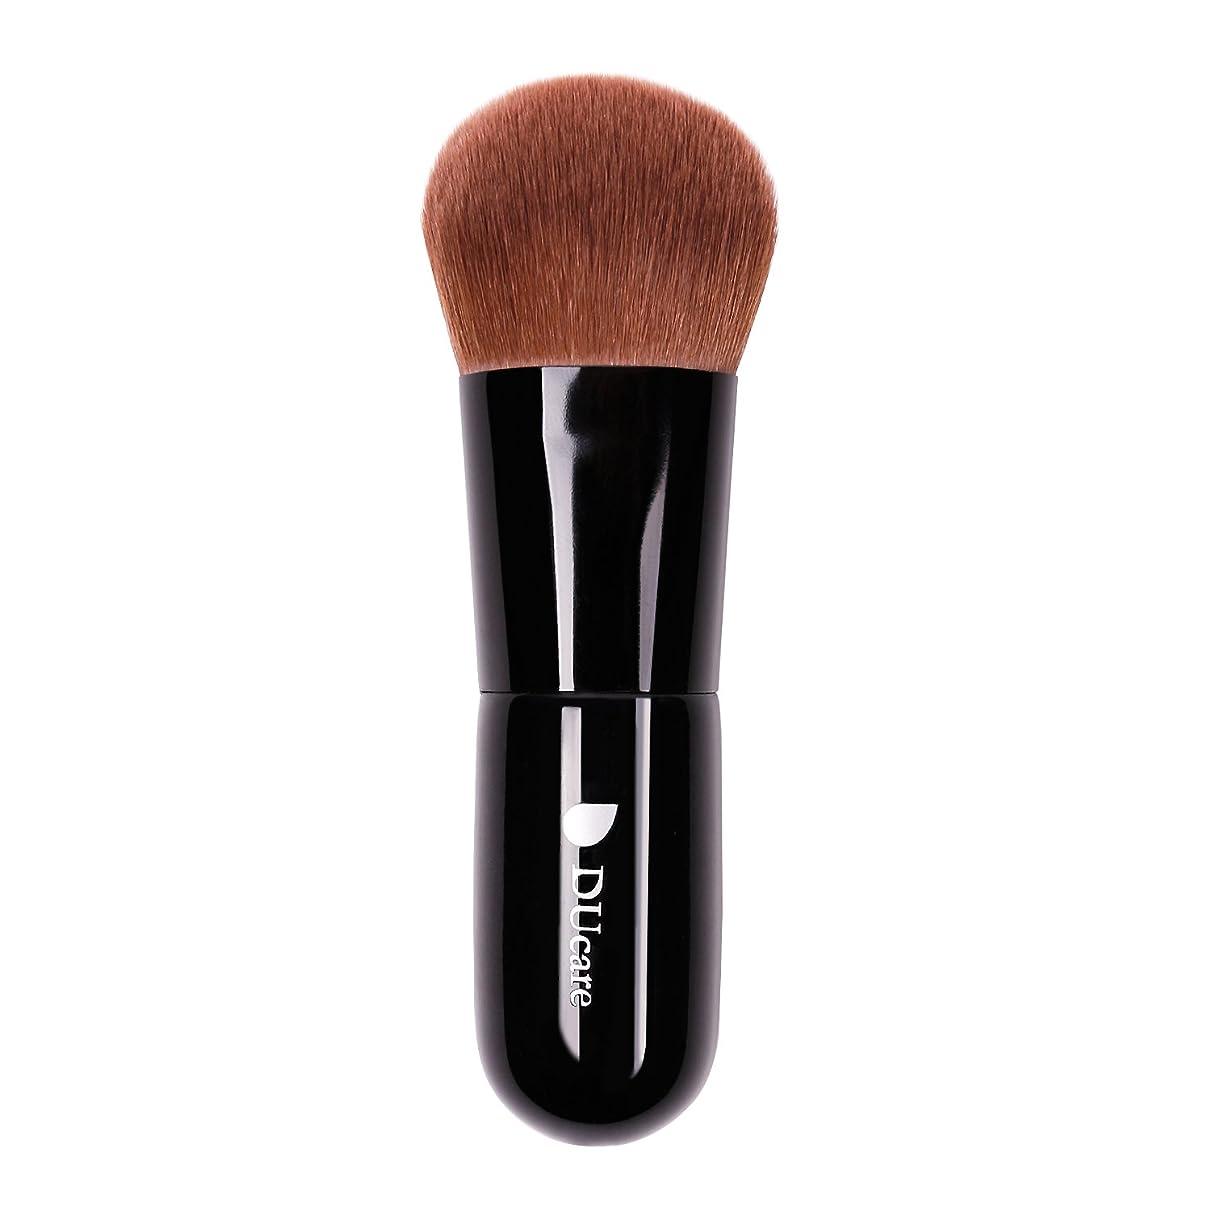 活力スクラップブックディスコドゥケア(DUcare) 化粧筆 ファンデーションブラシ フェイスブラシ 最高級のタクロンを使用